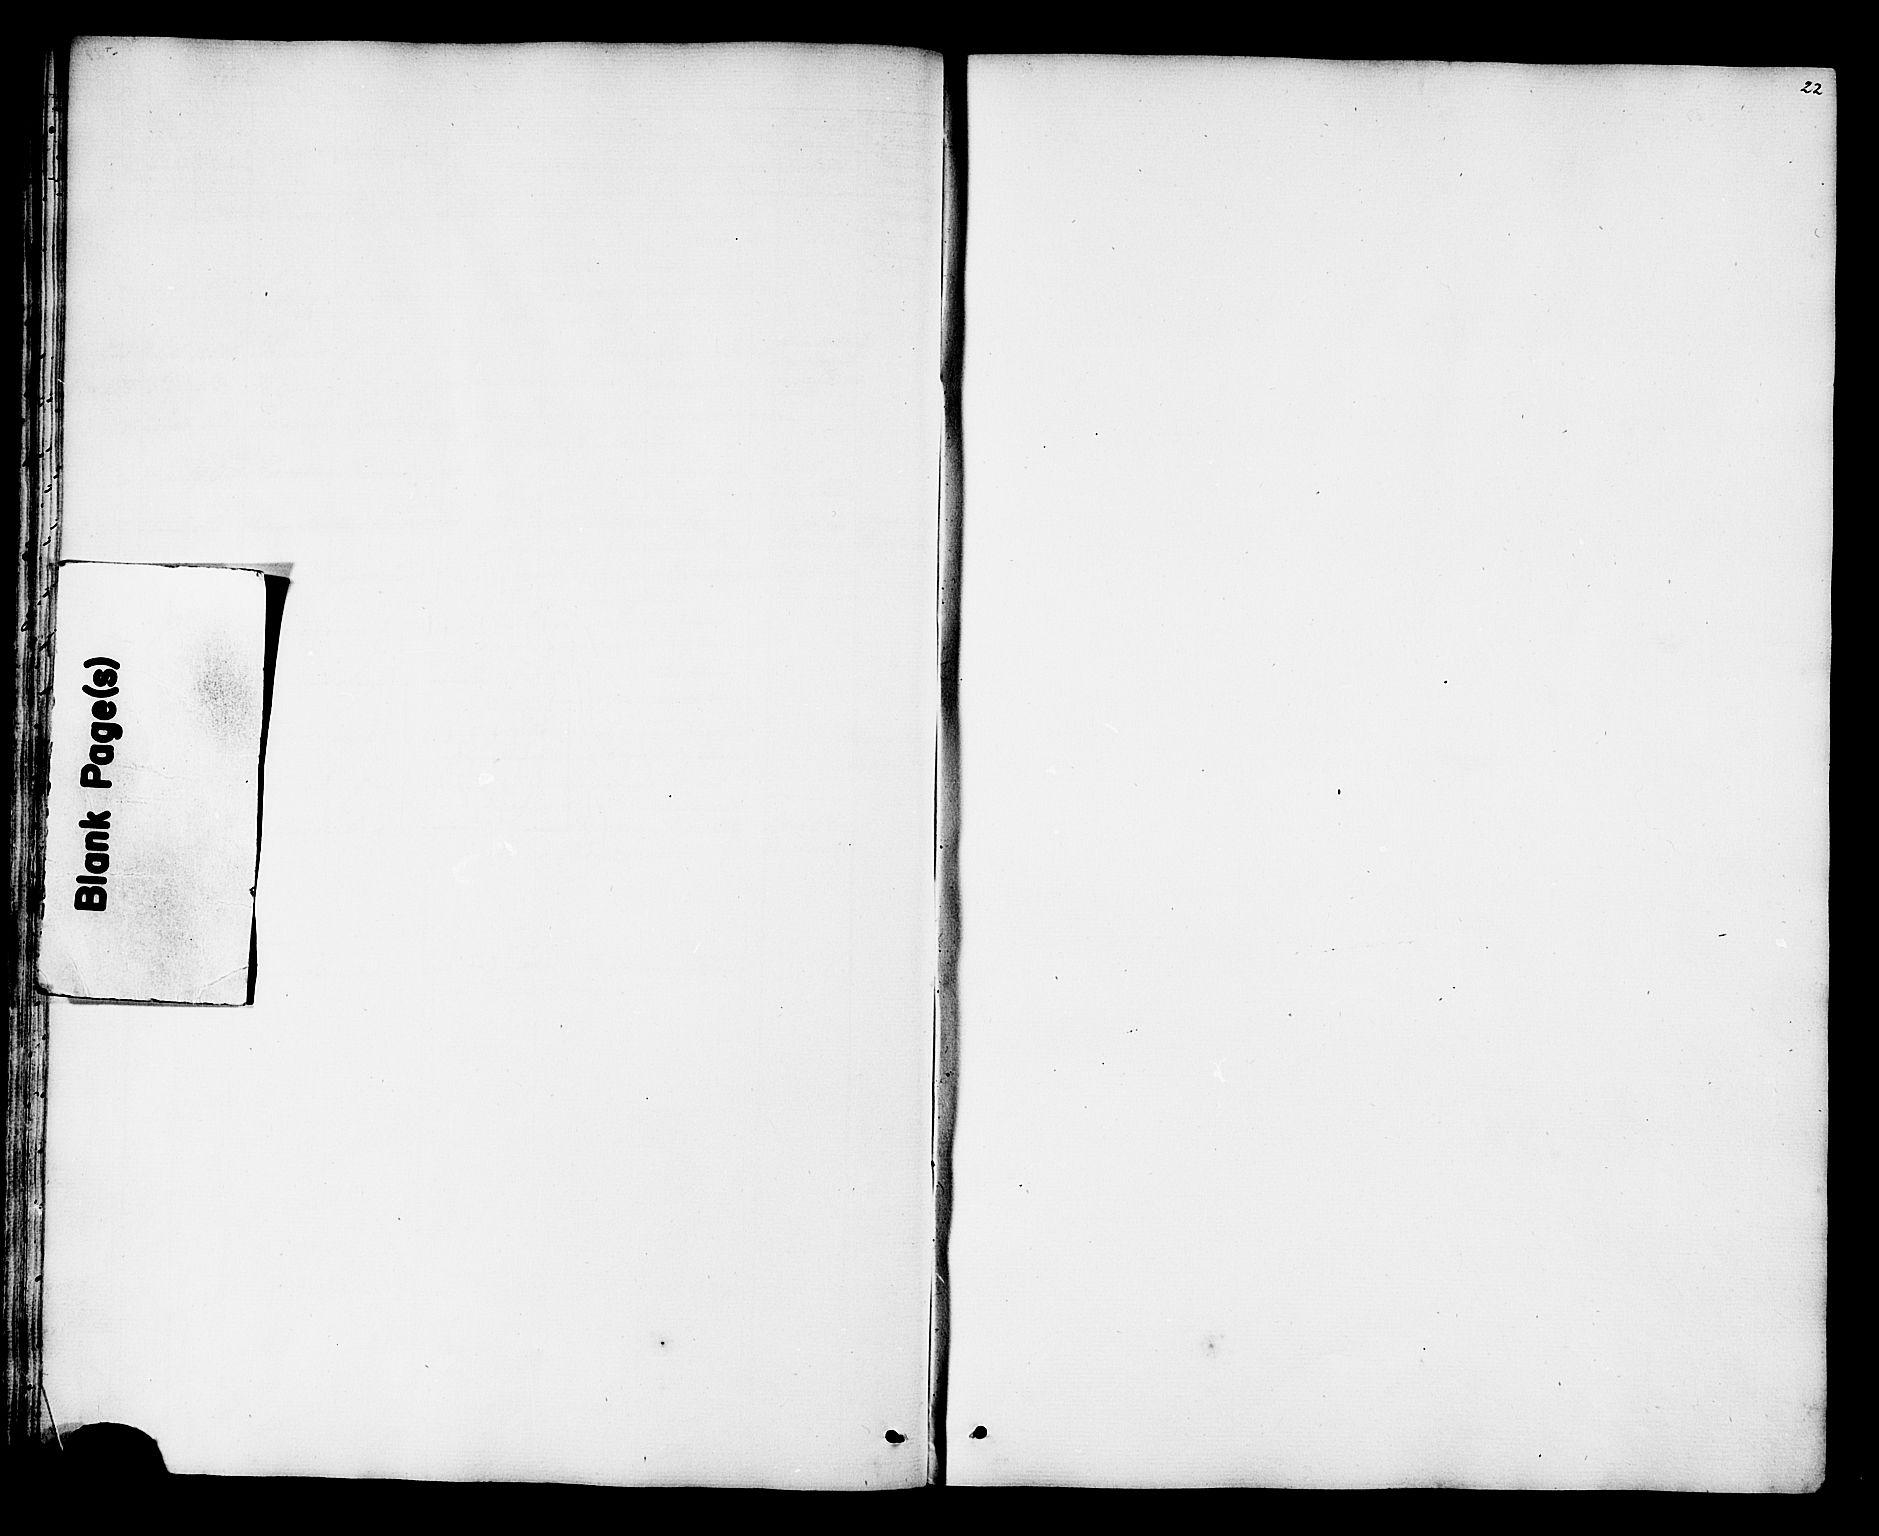 SAT, Ministerialprotokoller, klokkerbøker og fødselsregistre - Nord-Trøndelag, 788/L0695: Ministerialbok nr. 788A02, 1843-1862, s. 22